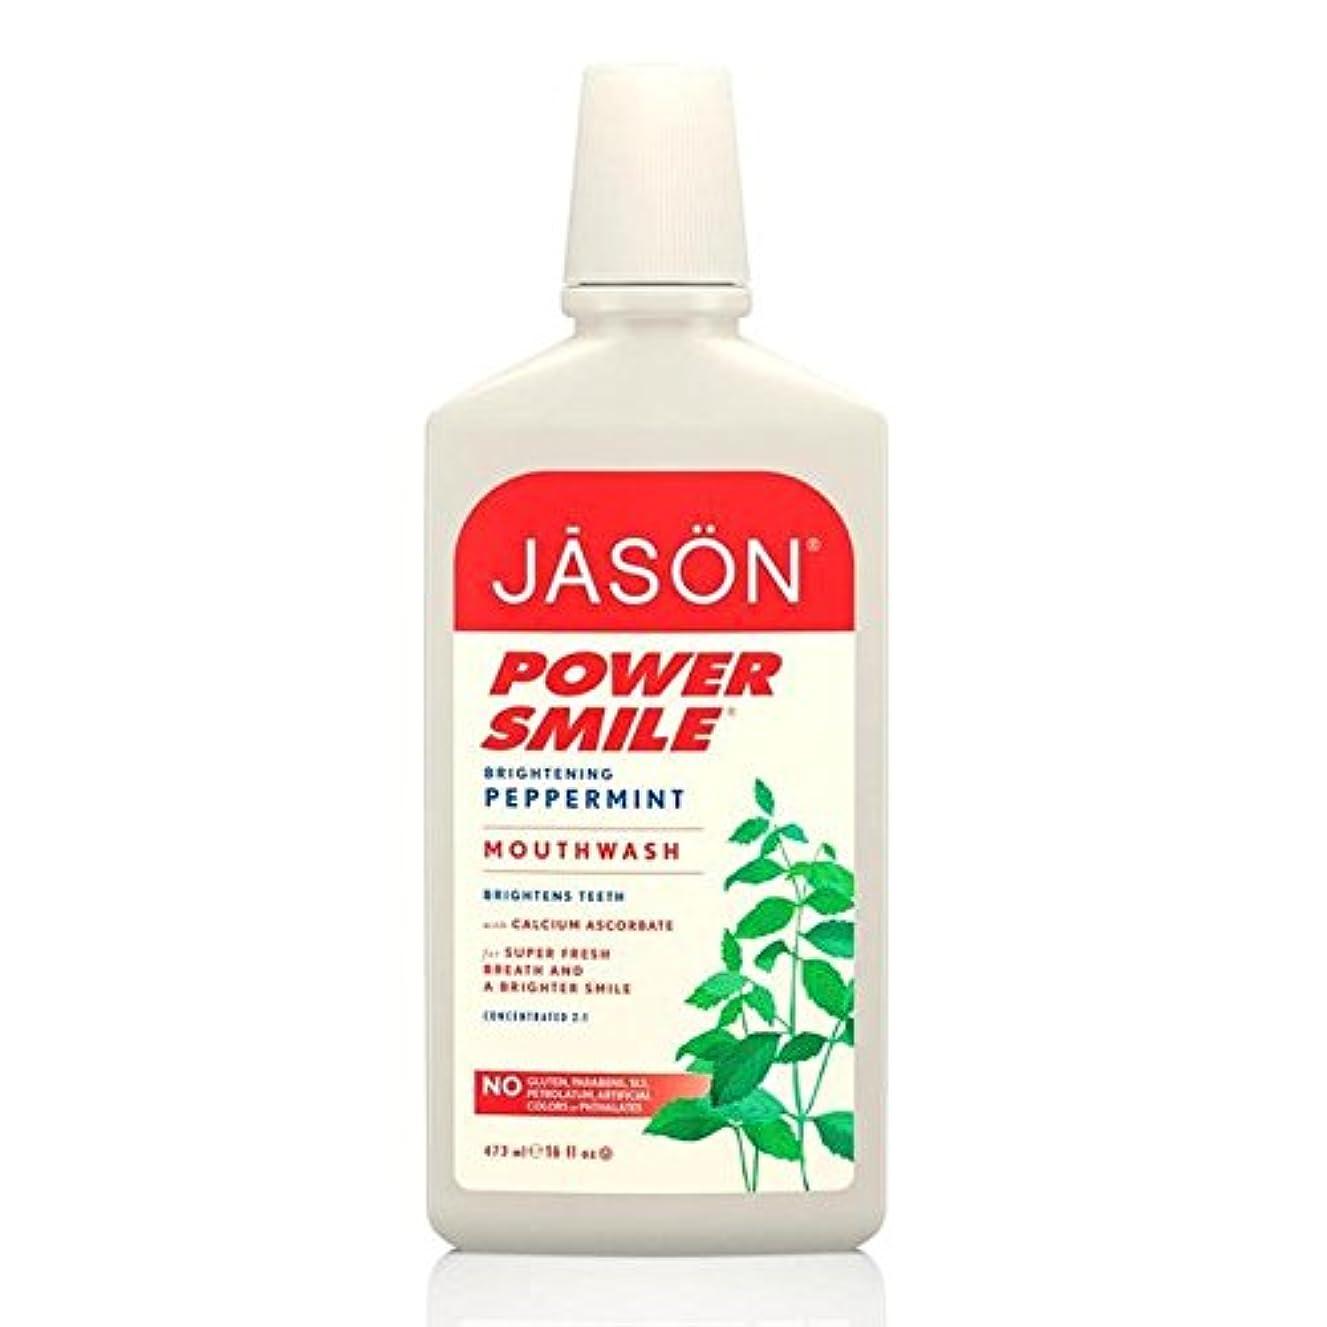 南東同性愛者元のJason Powersmile Mouthwash 480ml (Pack of 6) - ジェイソンマウスウォッシュ480ミリリットル x6 [並行輸入品]